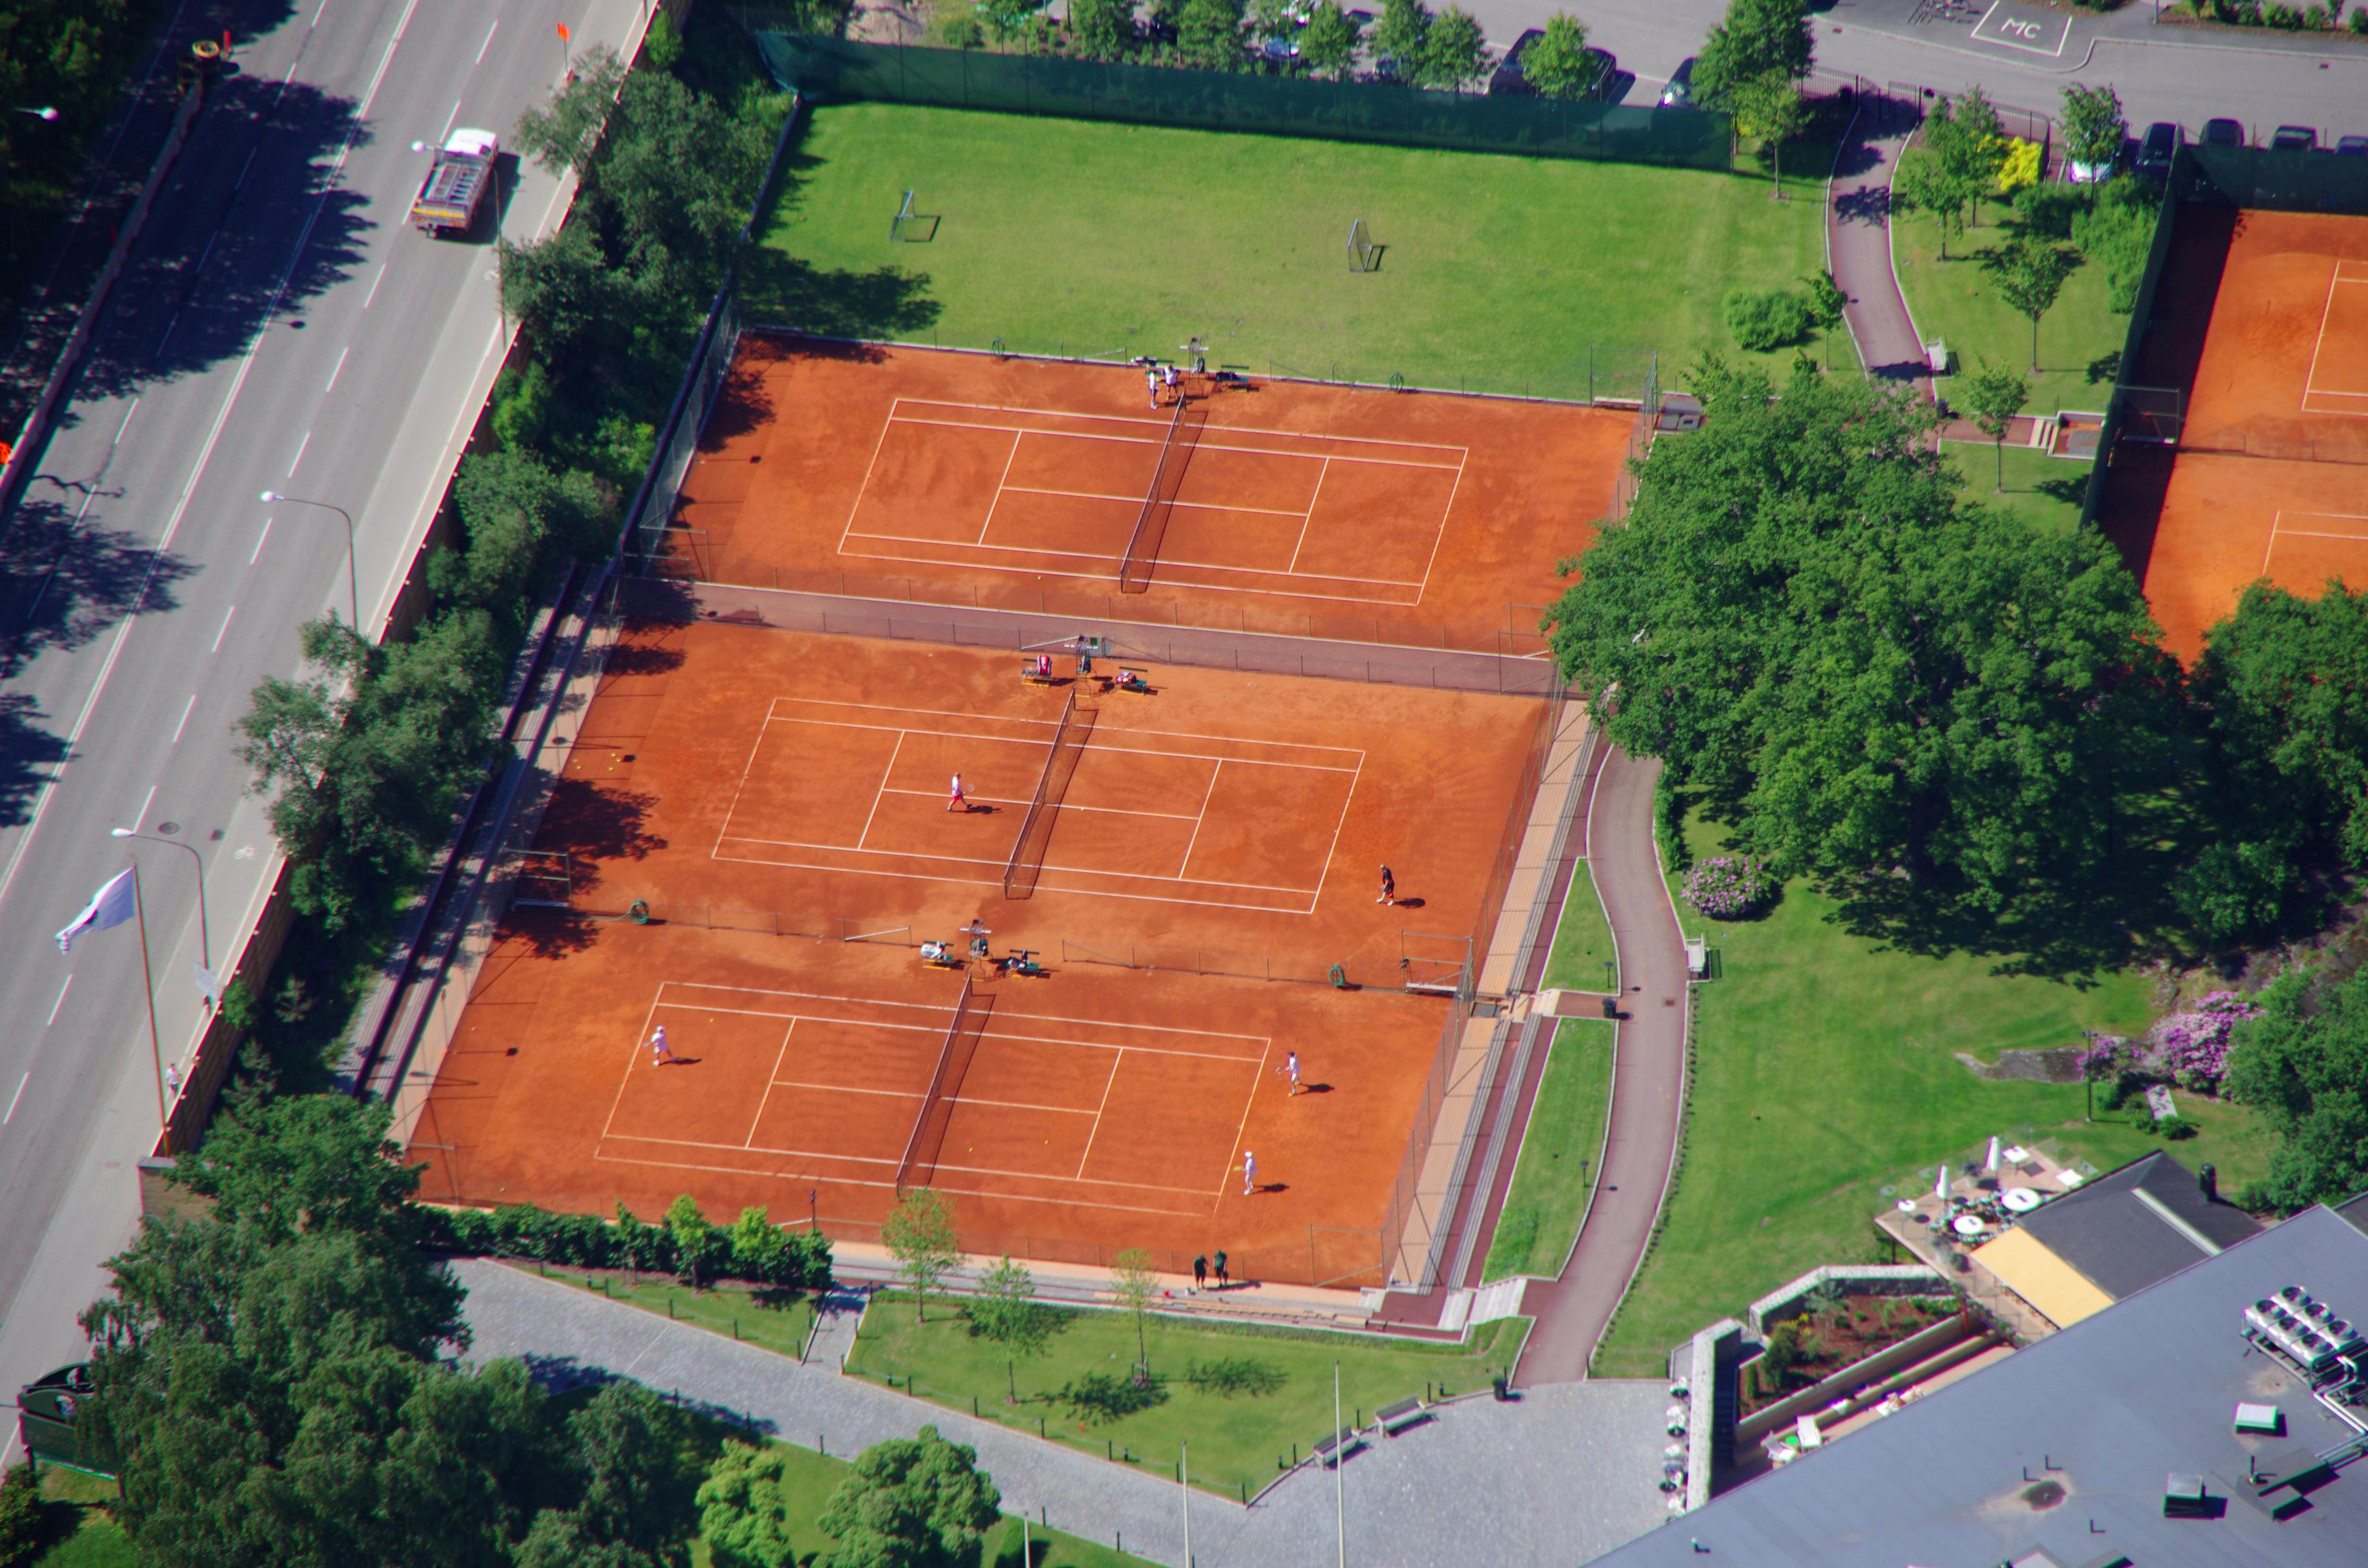 claytech tennisbana tennisbeläggning från unisport